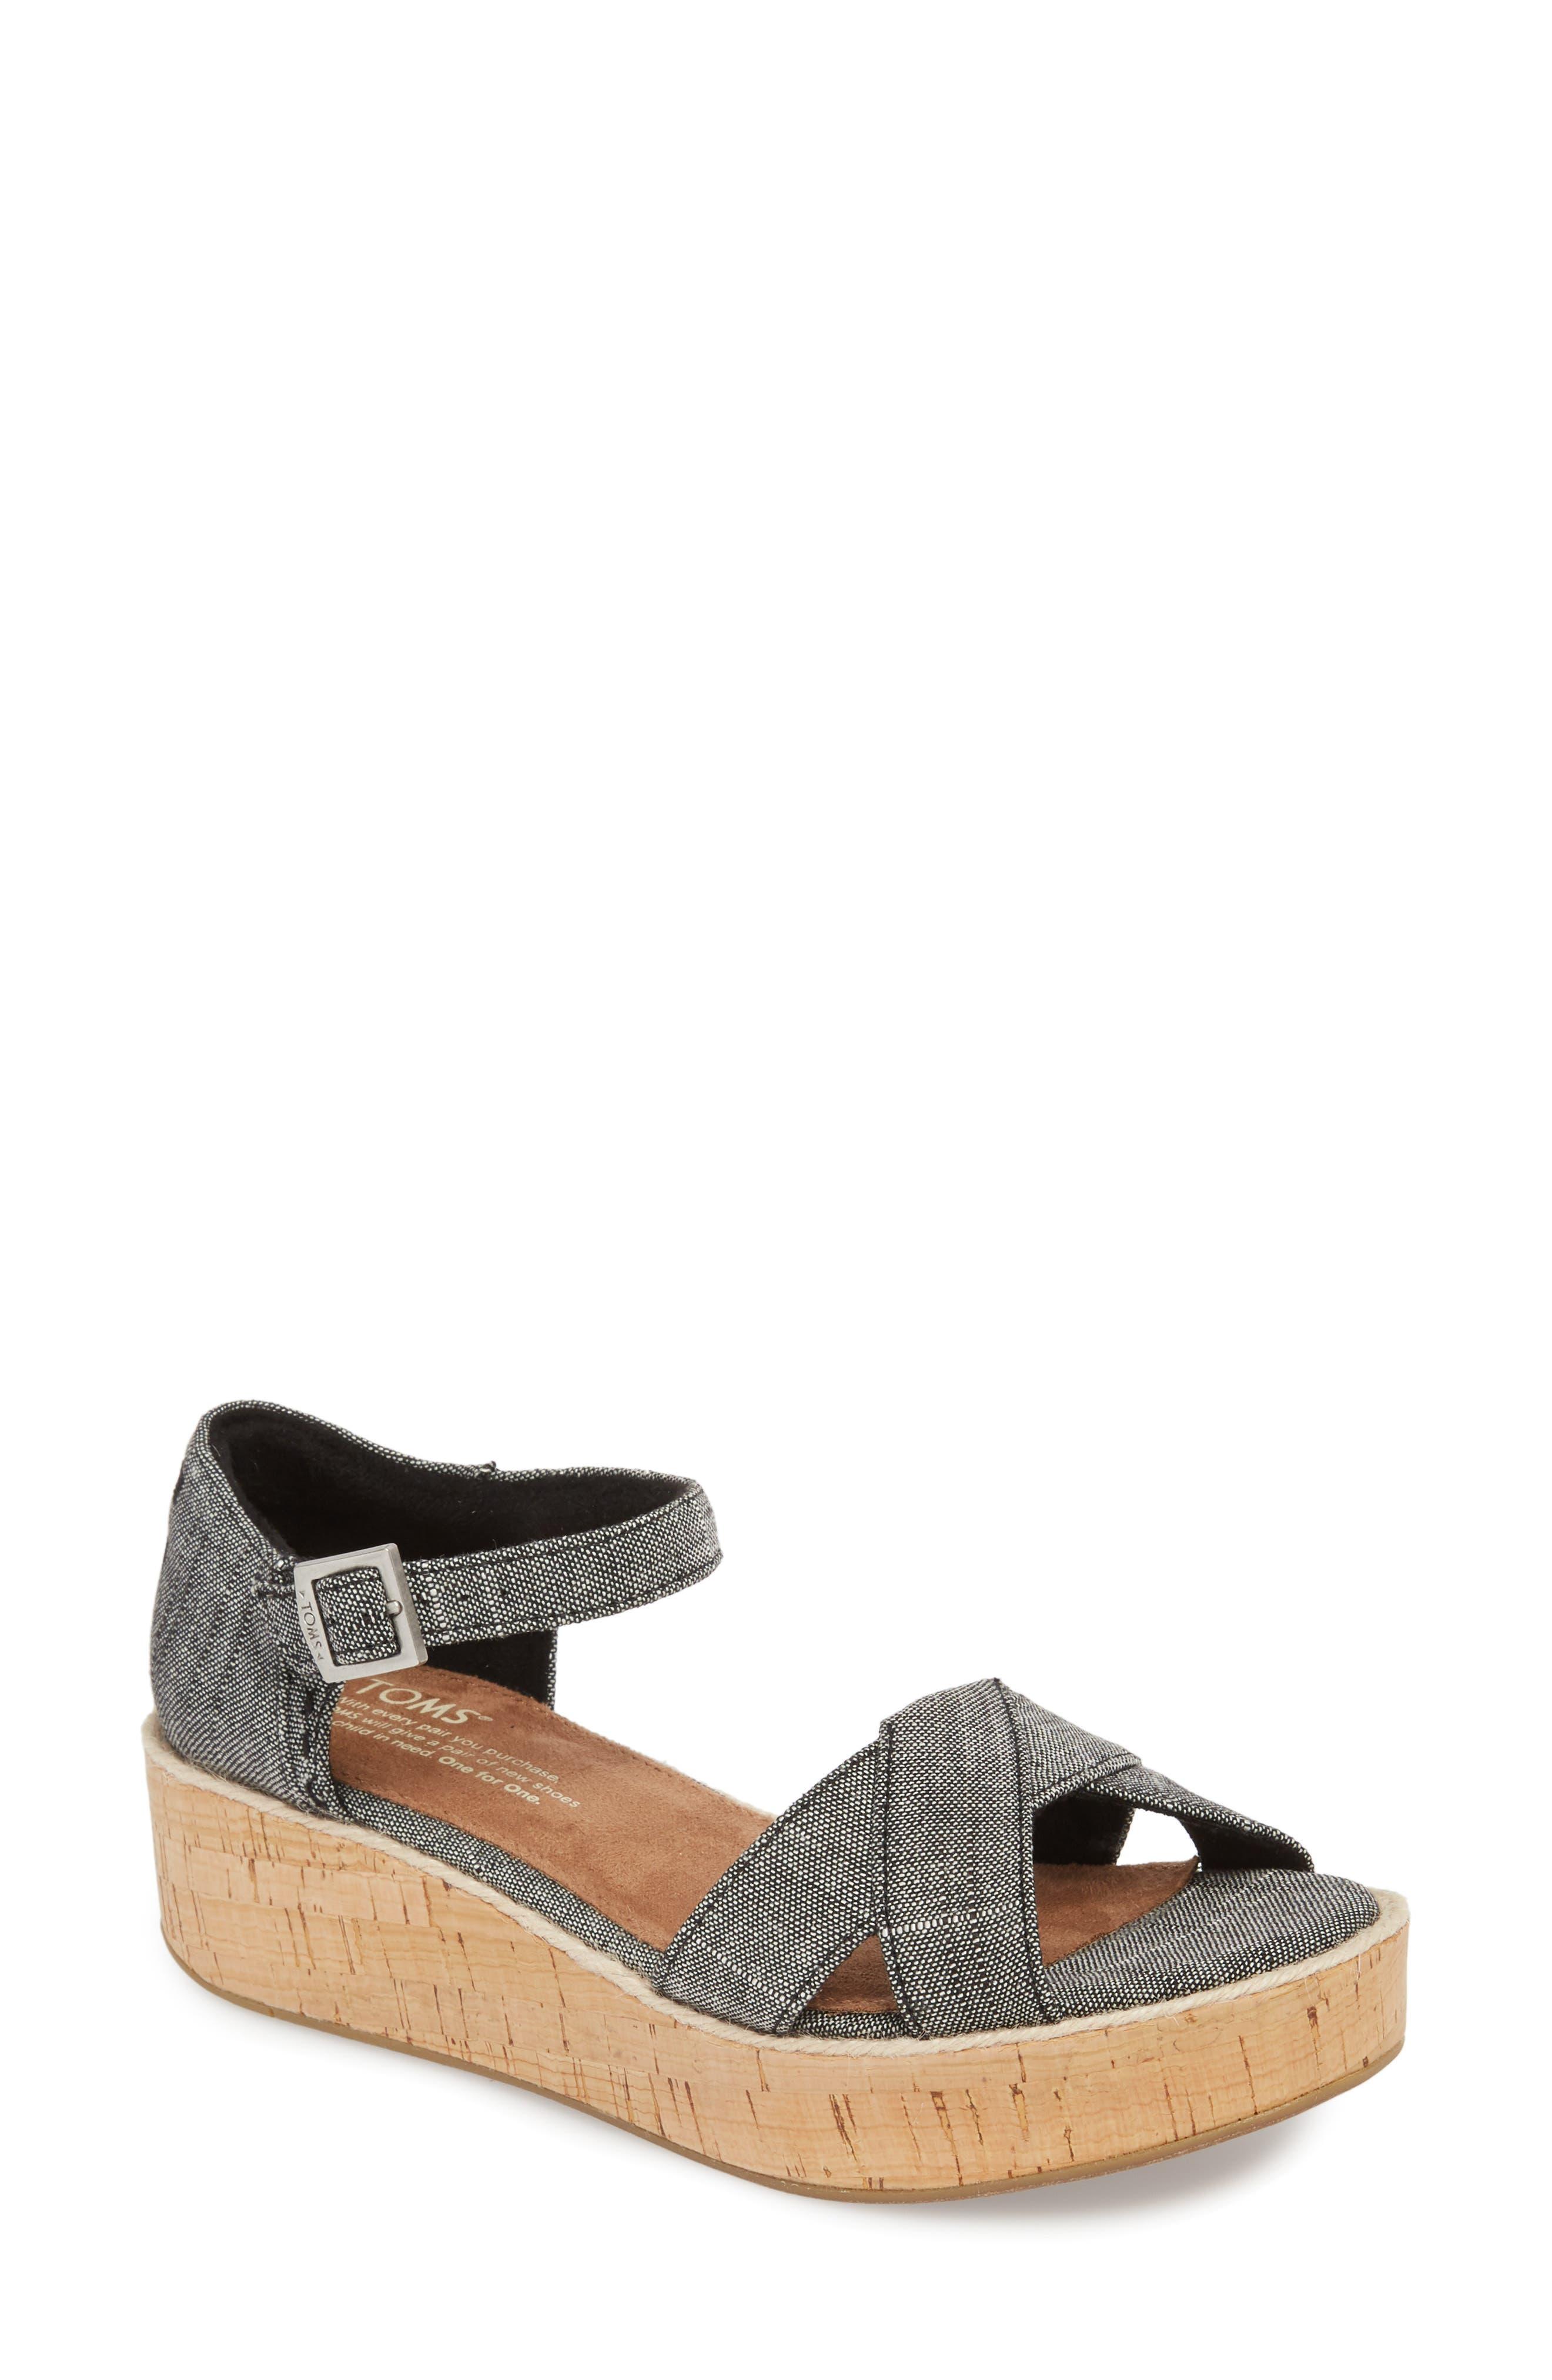 Harper Platform Sandal,                         Main,                         color, 001